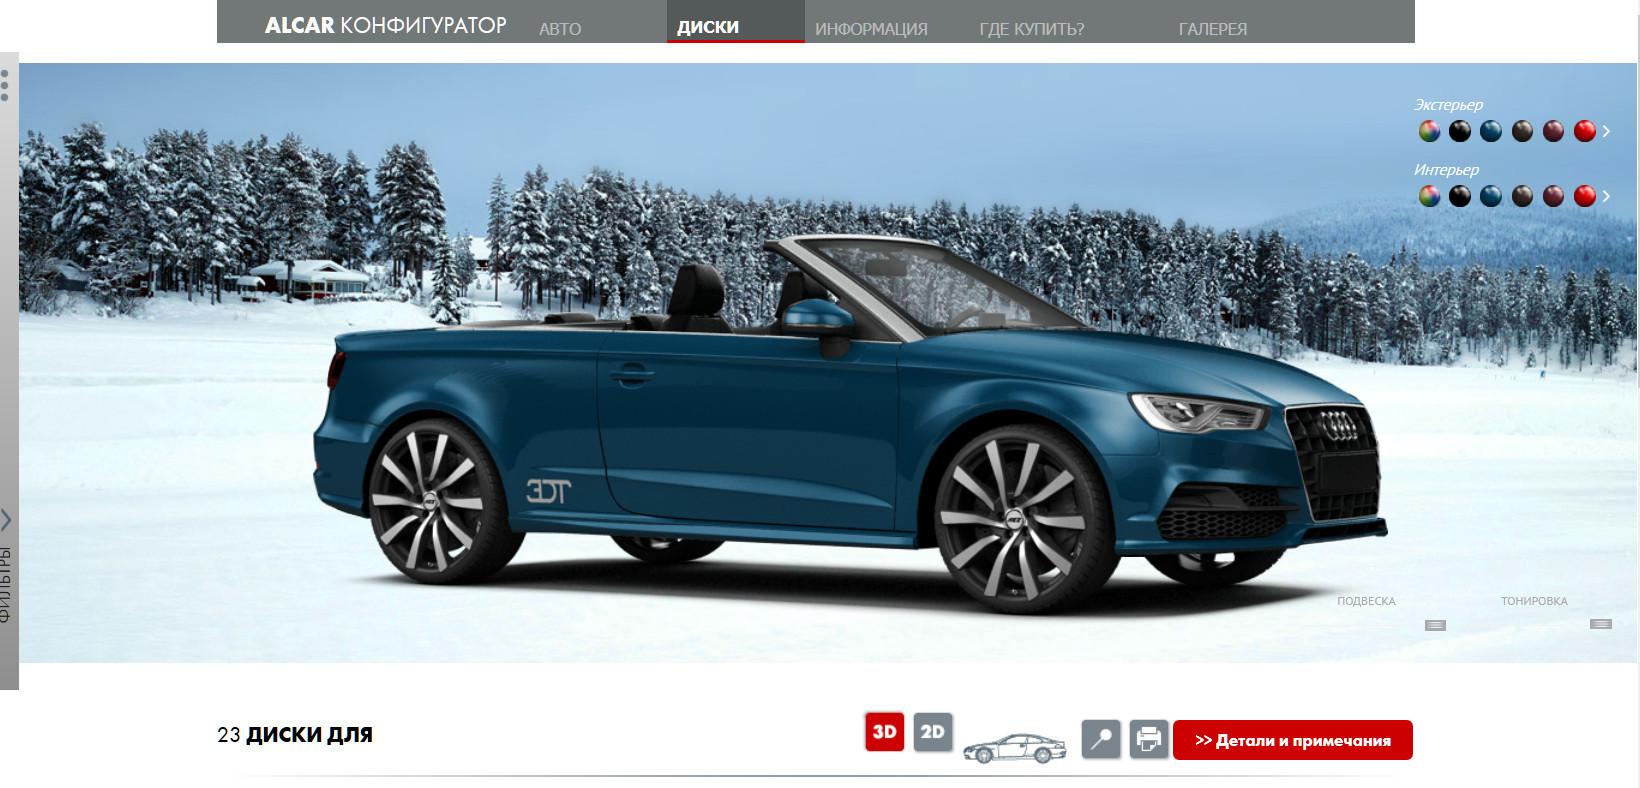 Автомобильные конфигураторы как зеркало революции веб-технологий - 5